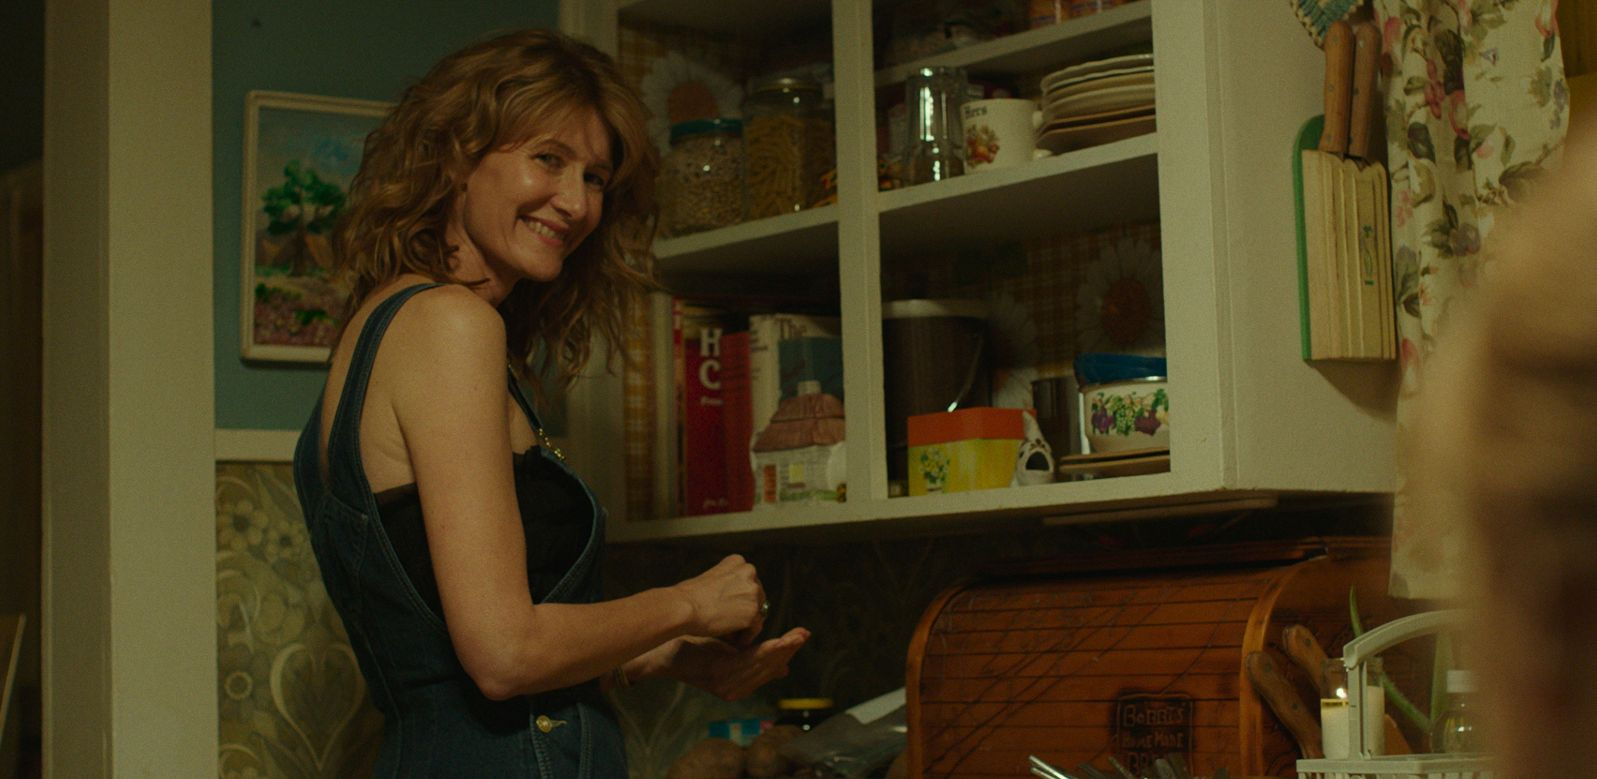 Laura Dern as Bobbi in Wild